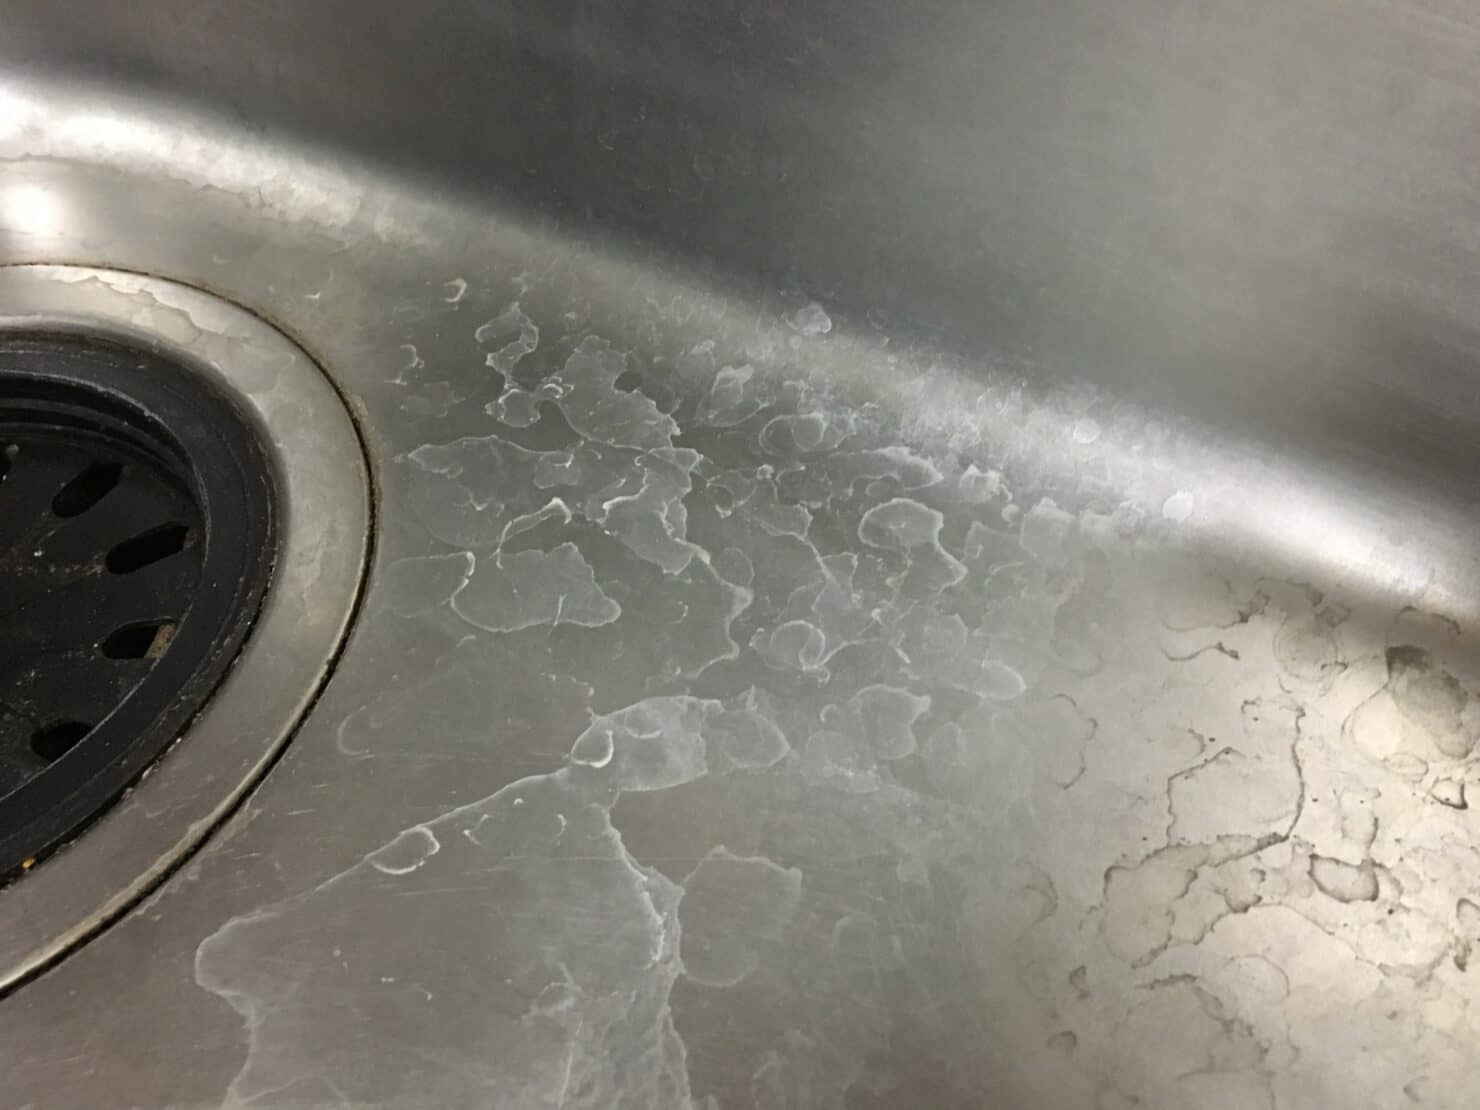 水垢のウロコ汚れを綺麗に落とす方法を知りたい! スッキリ落とす方法と予防策